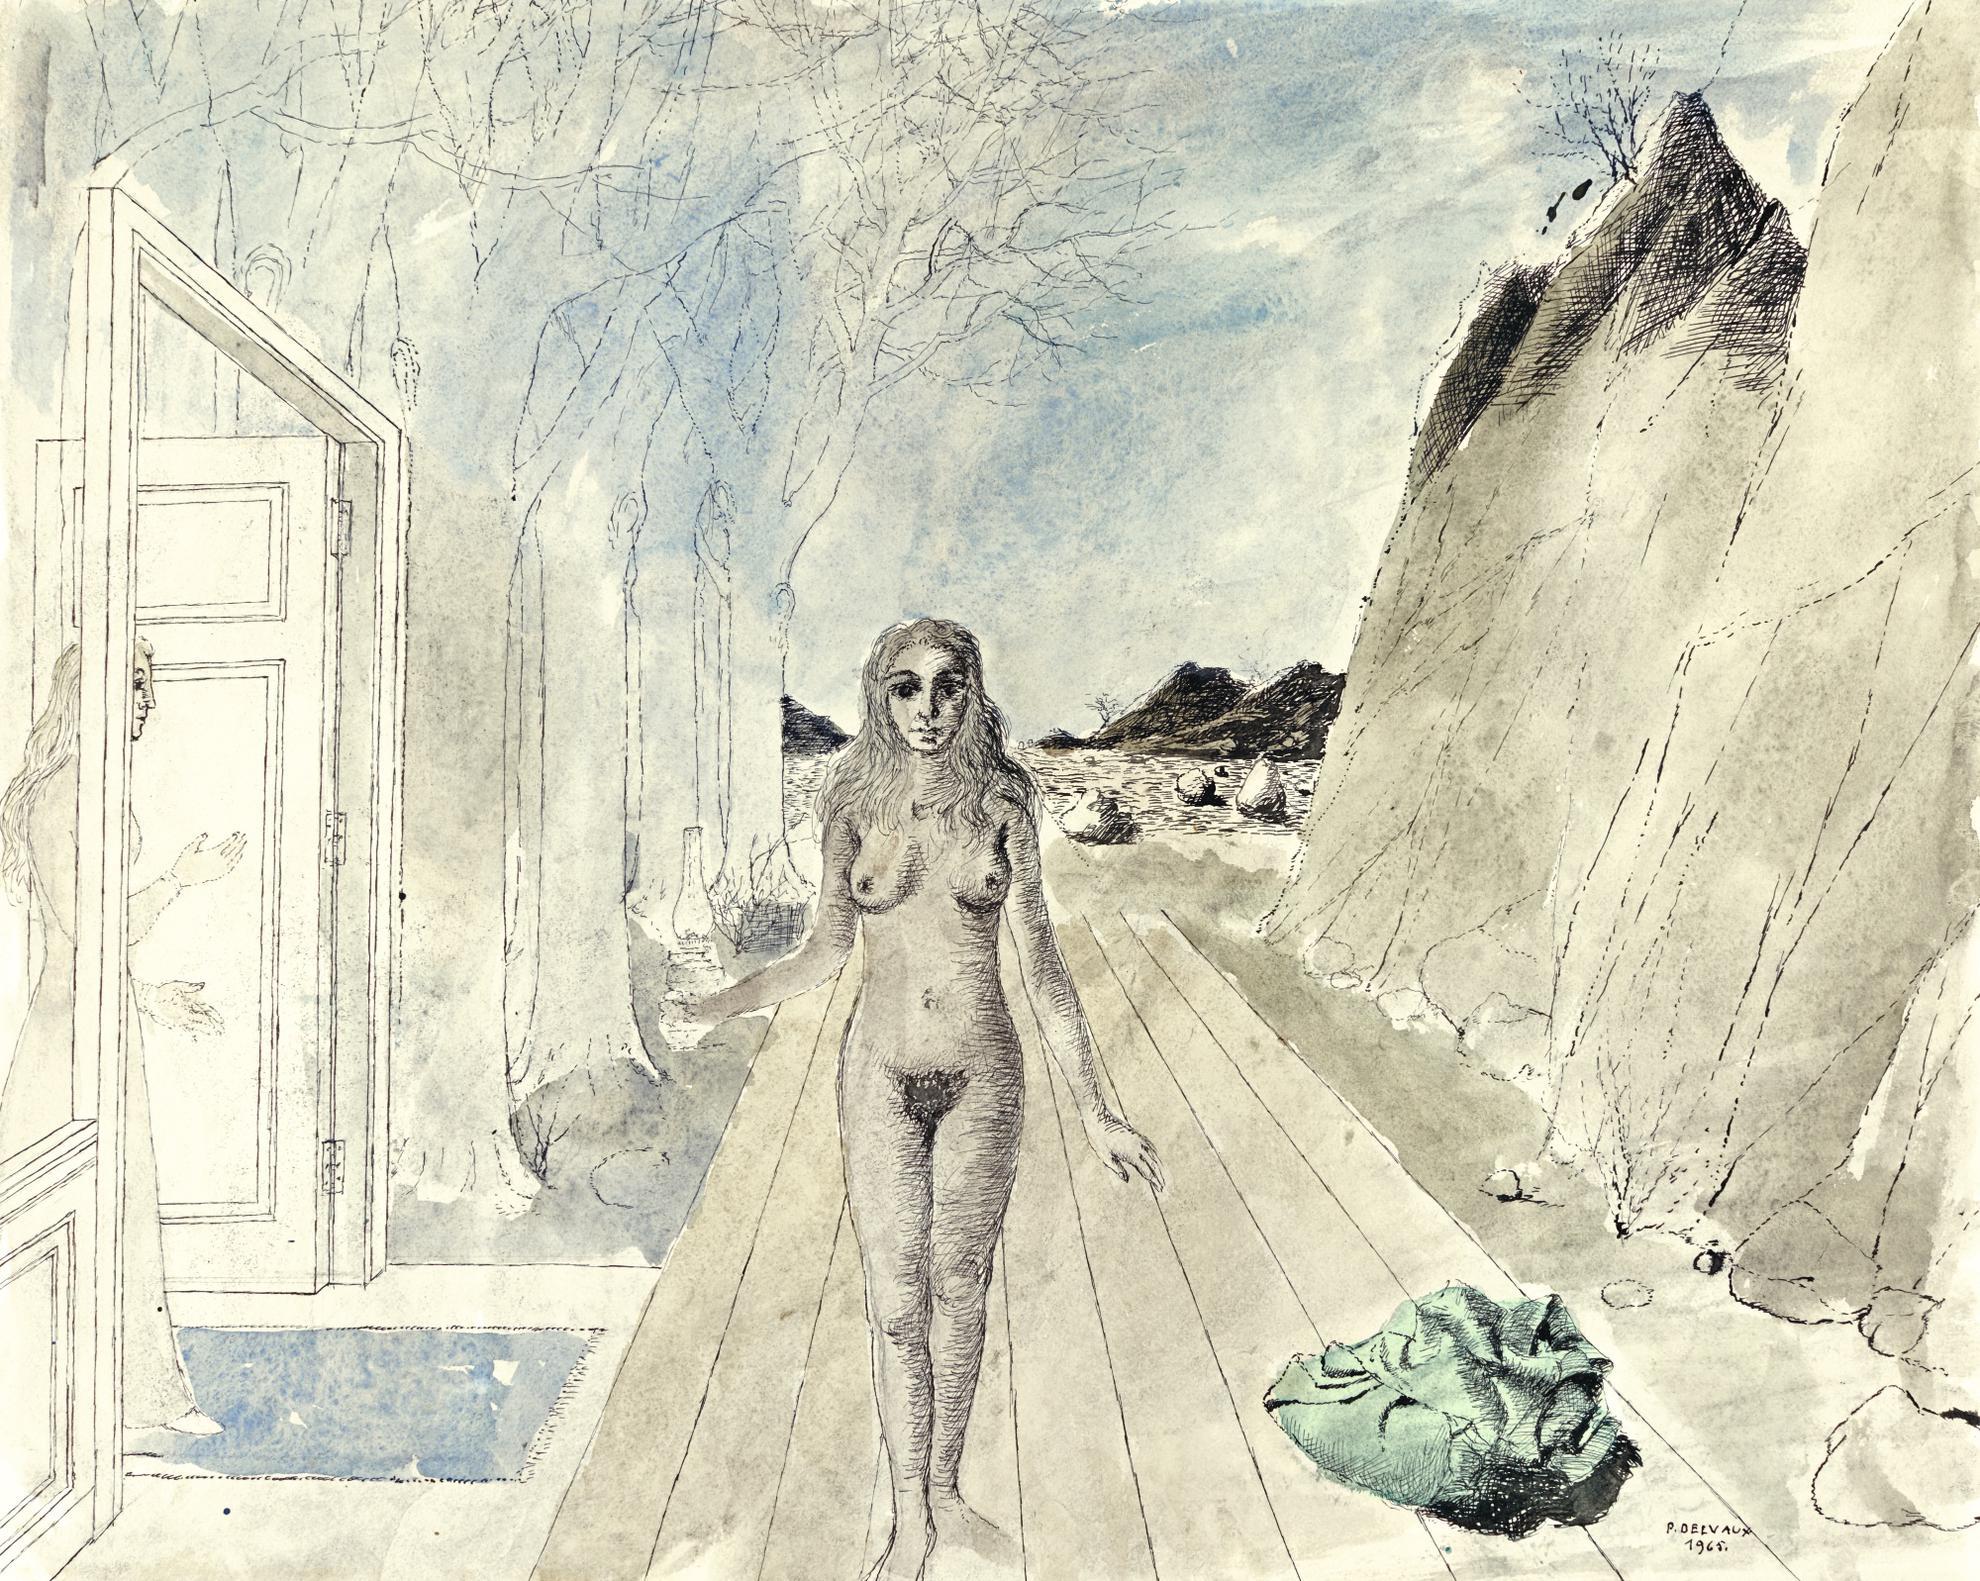 Paul Delvaux-Etude Pour Le Tableau Le Retour-1965